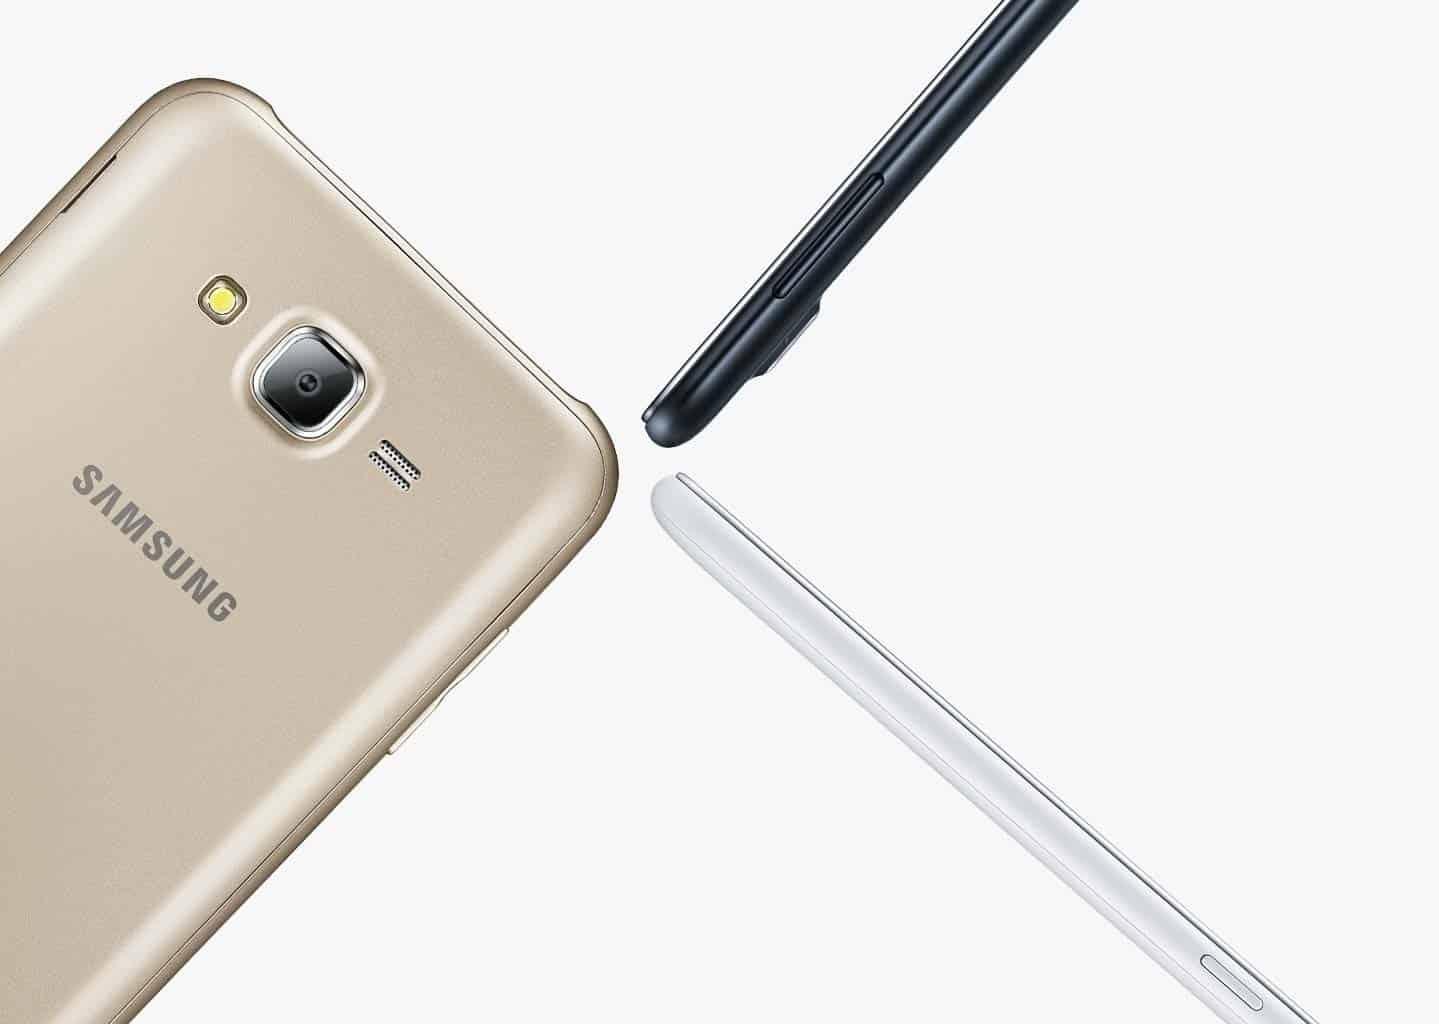 Samsung Galaxy J7 5